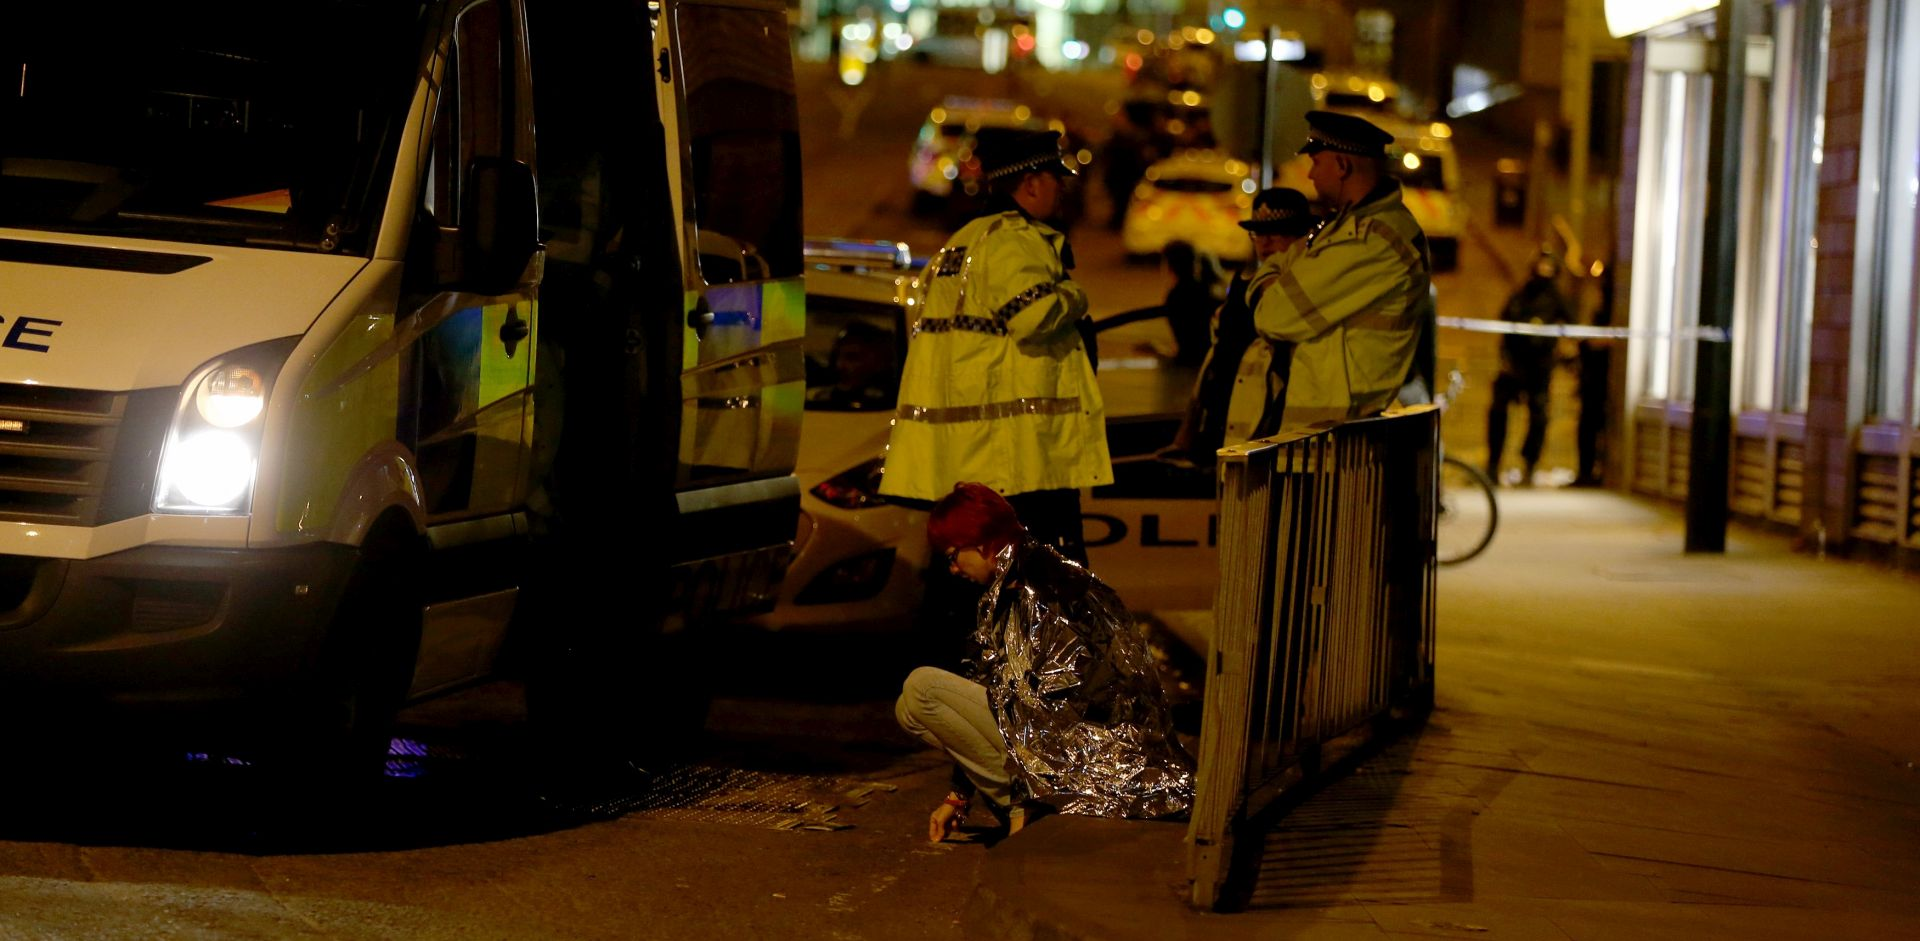 20 životno ugroženo nakon eksplozije u Manchesteru